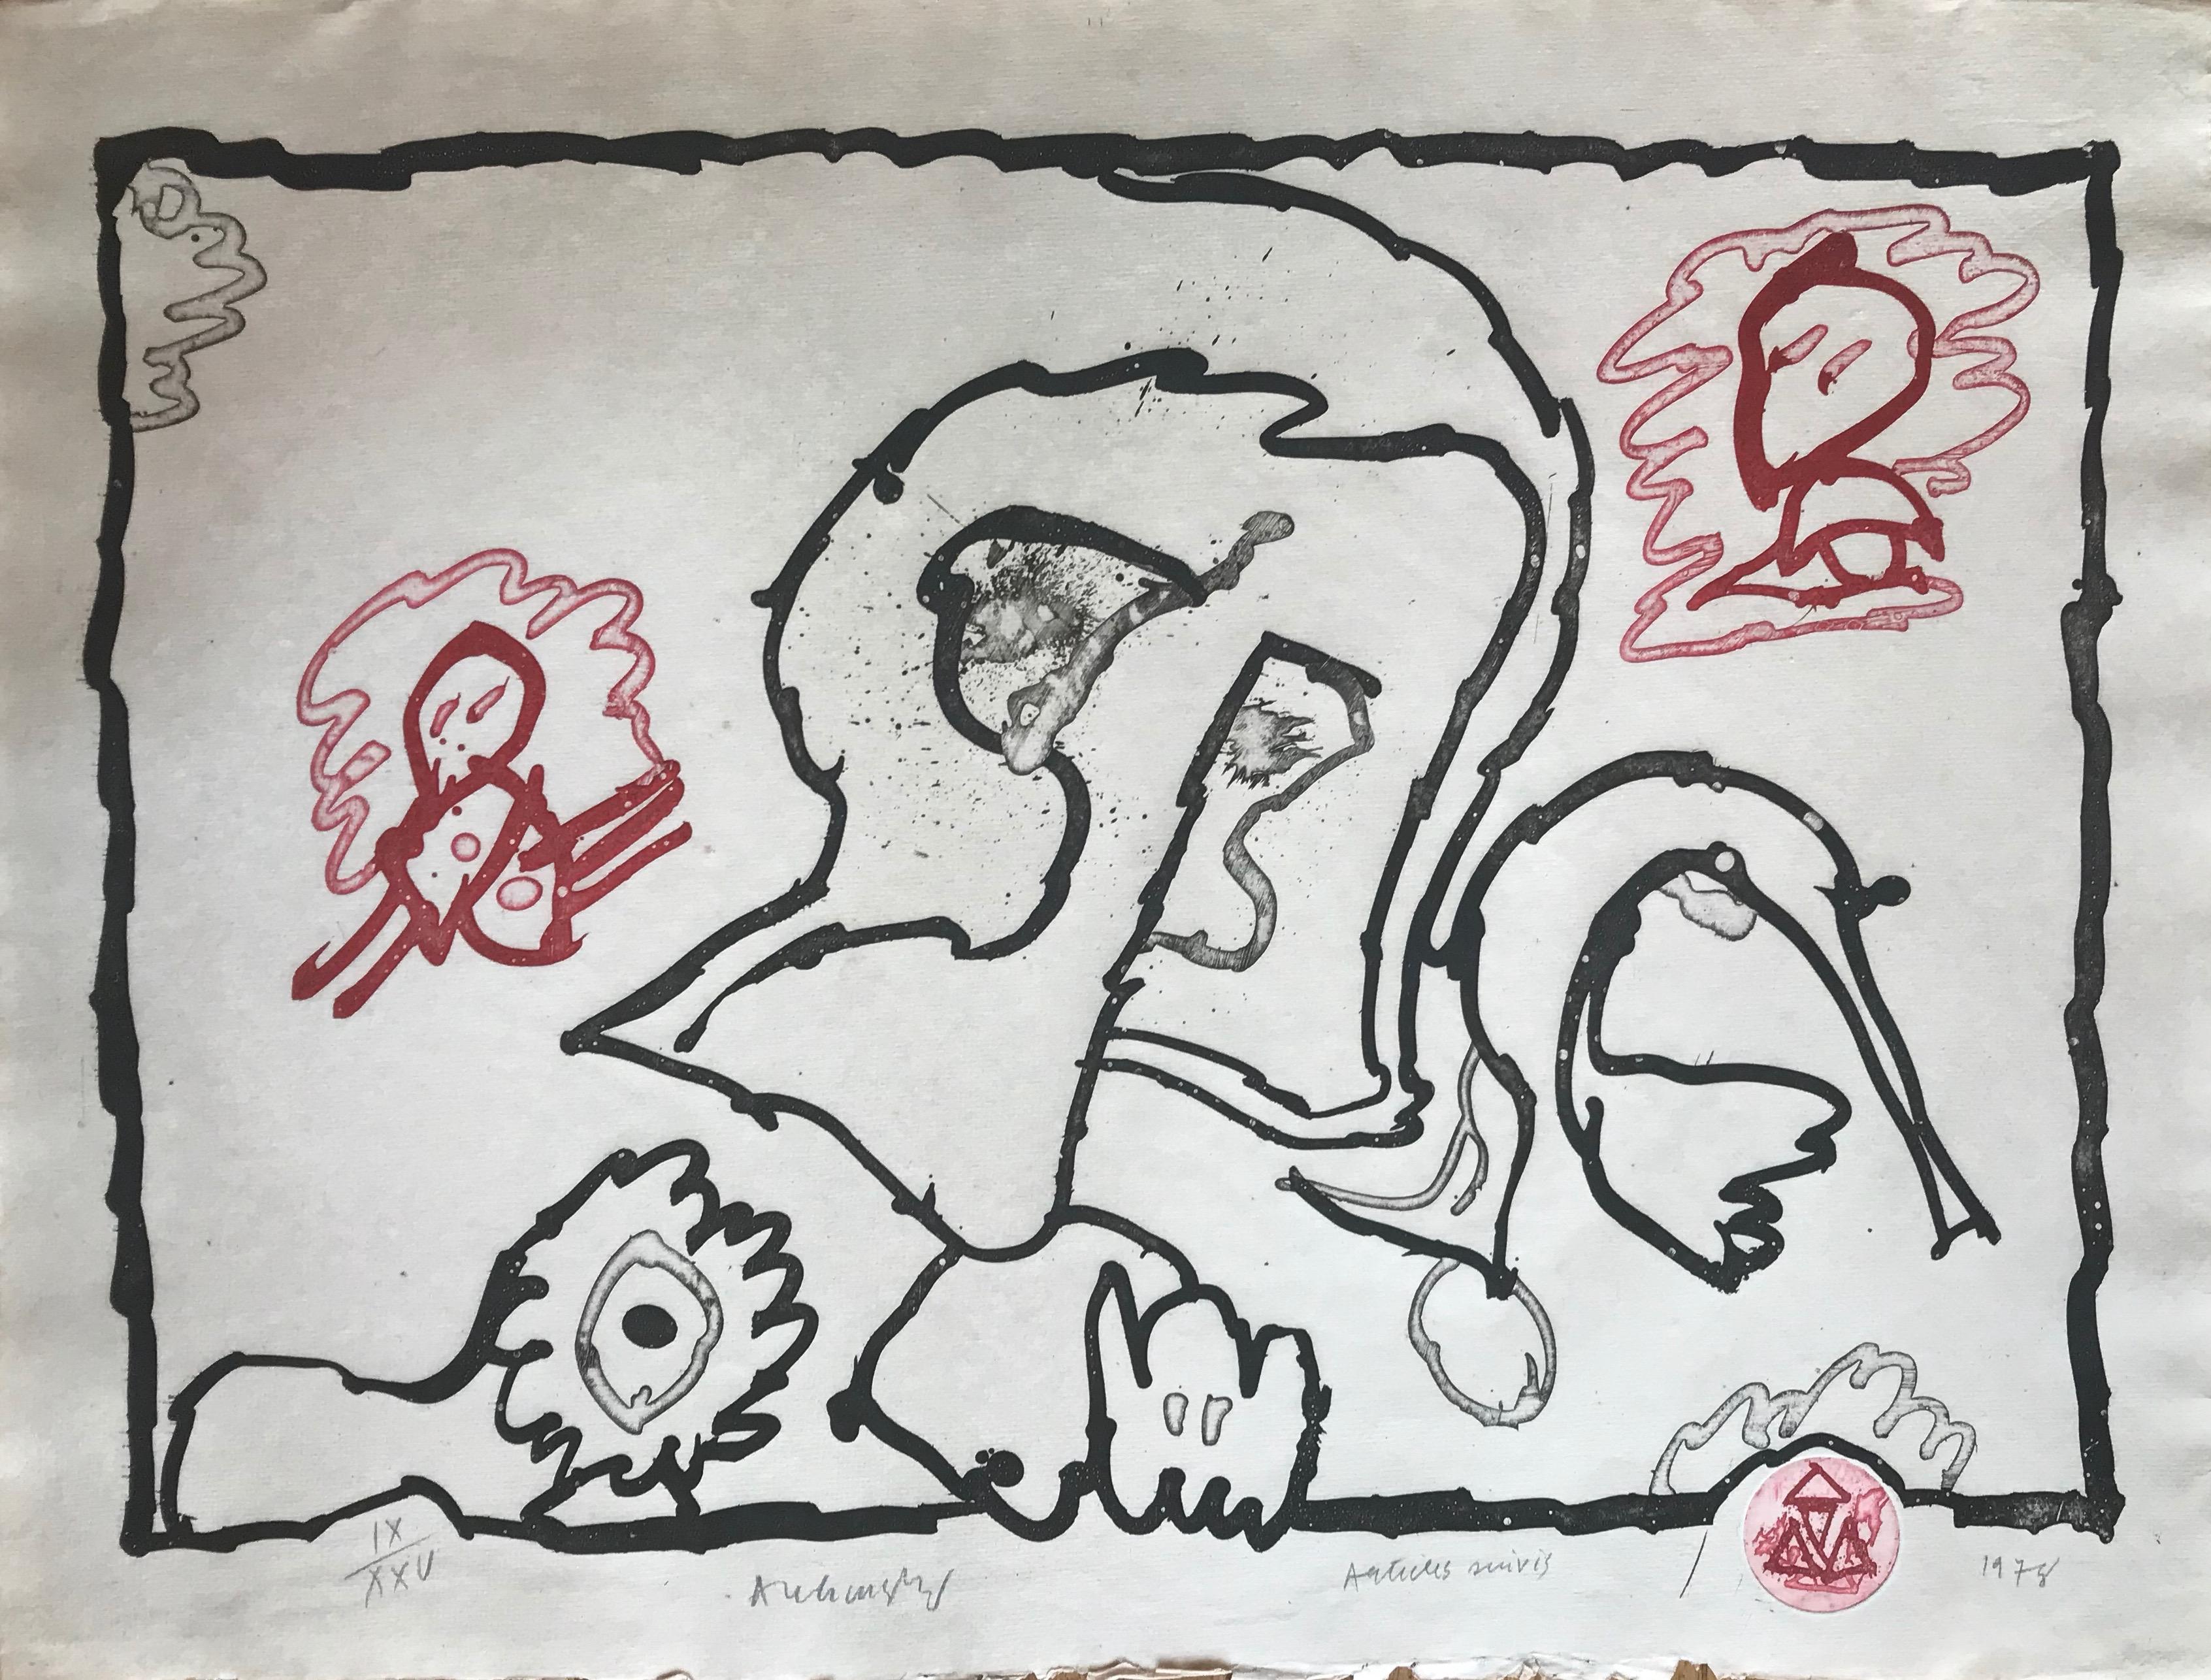 Alechinsky, articles suivis, 1978